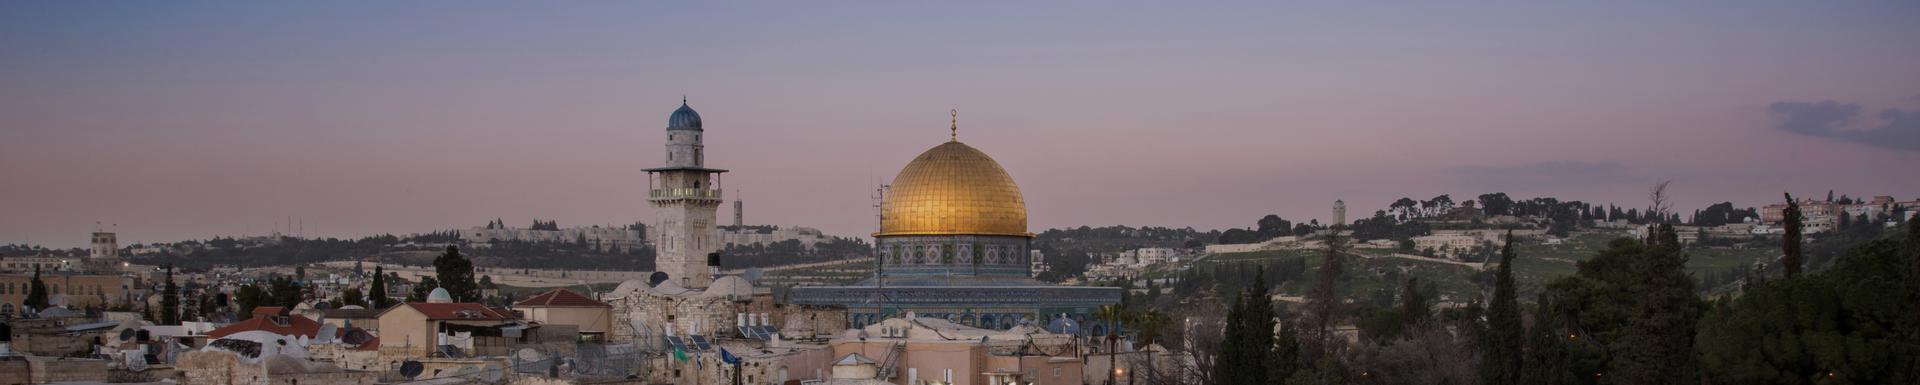 14. - 21. nov. 2018 - Bli med KANAL 10 og Storstua til Israel! Pris 13.950,-